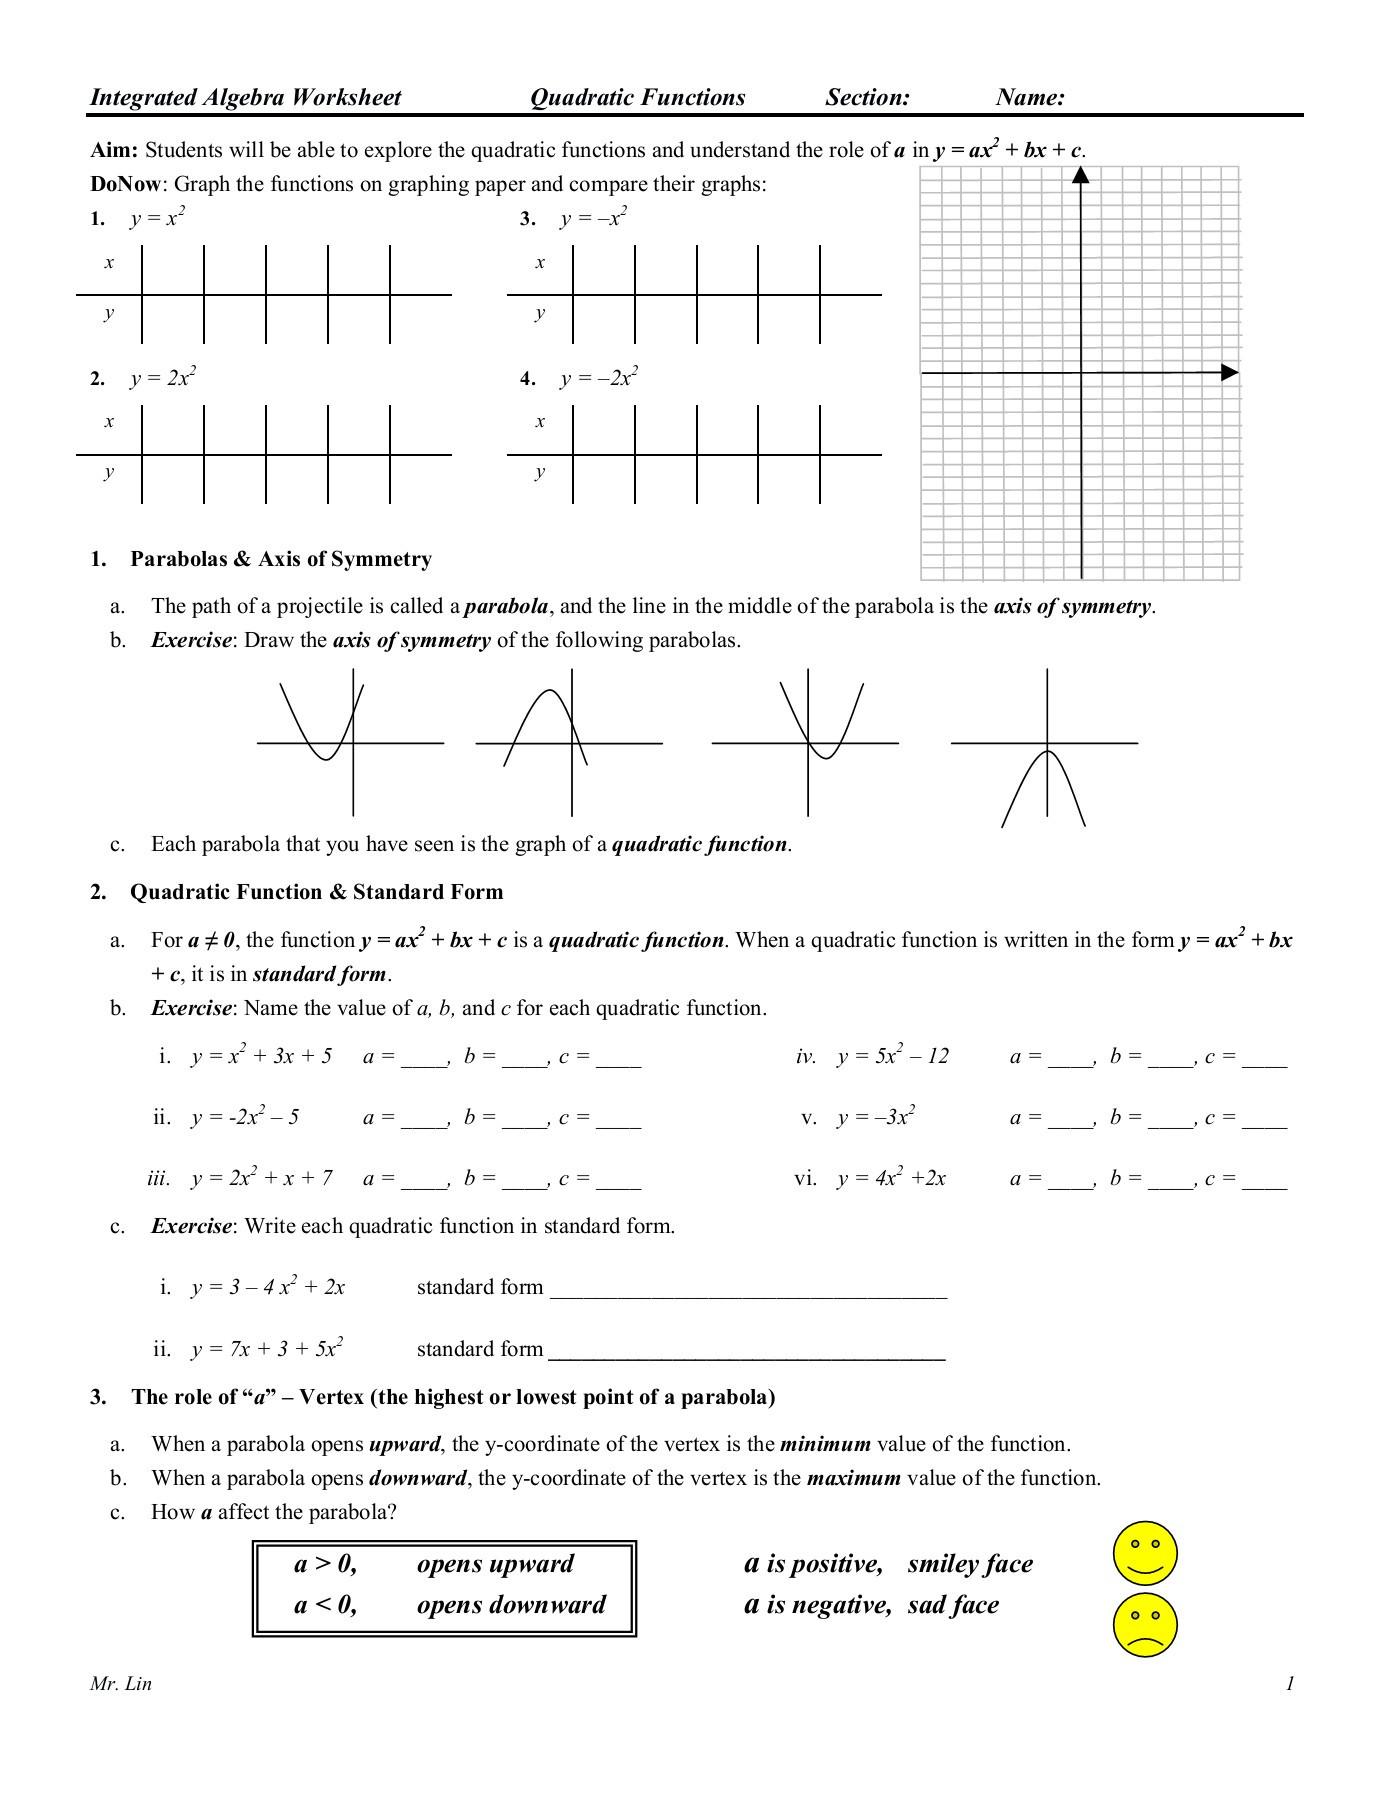 Algebra 1 Functions Worksheet Algebra Worksheet 09 Qudratic Functions Pages 1 5 Text